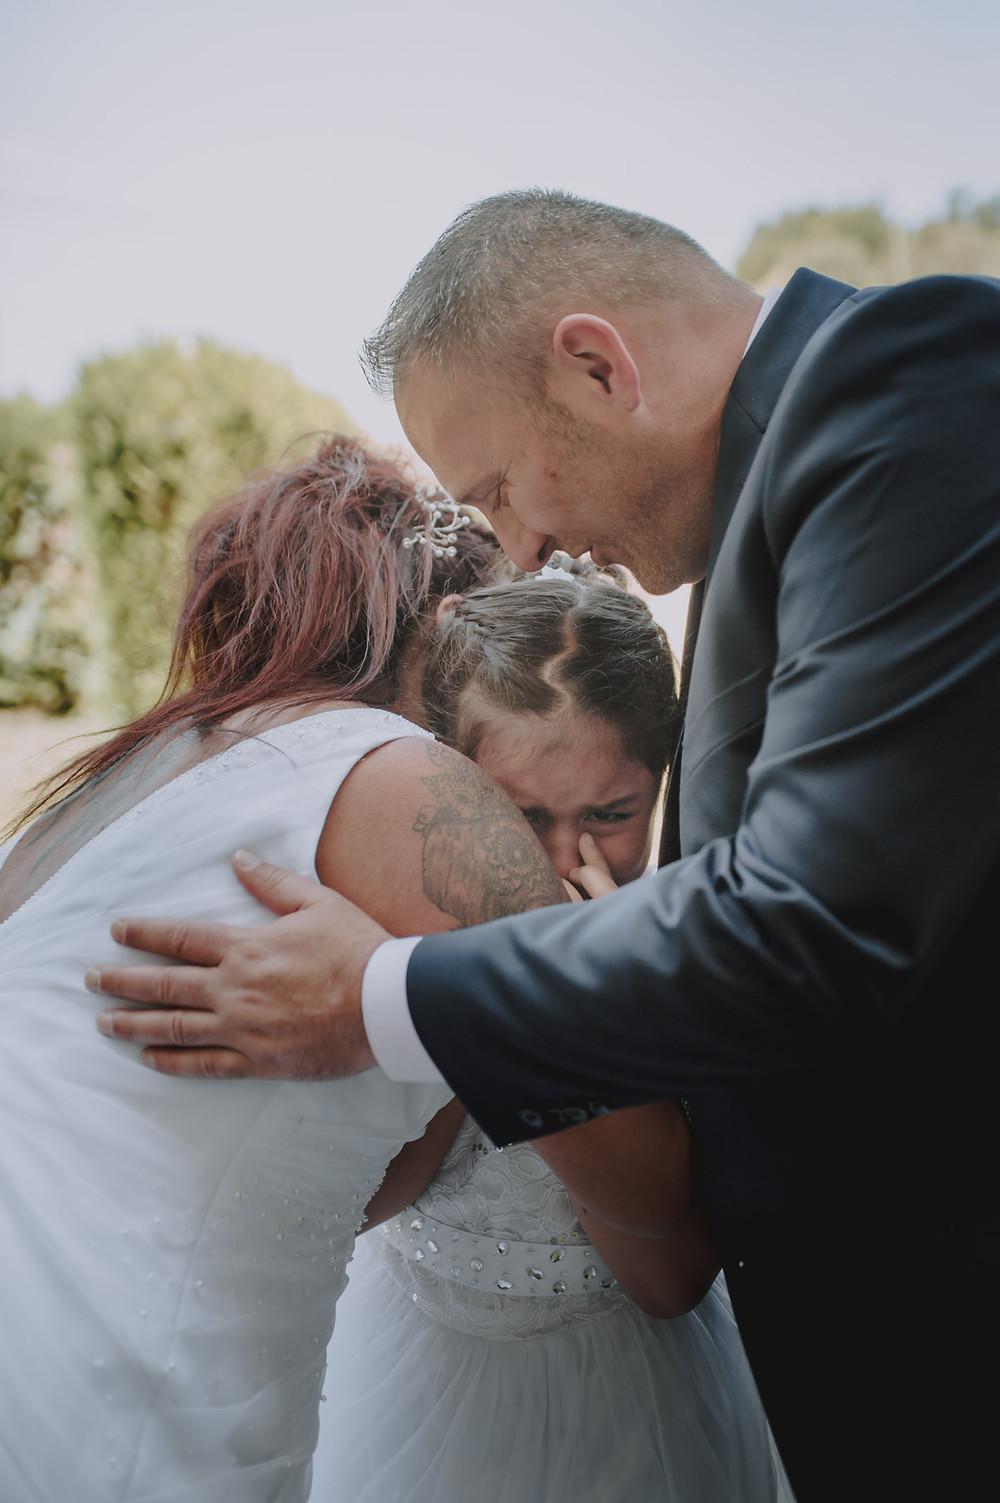 preparatifs-mariage-niort-decouverte-domaine-de-la-gravette-enfant-emotion